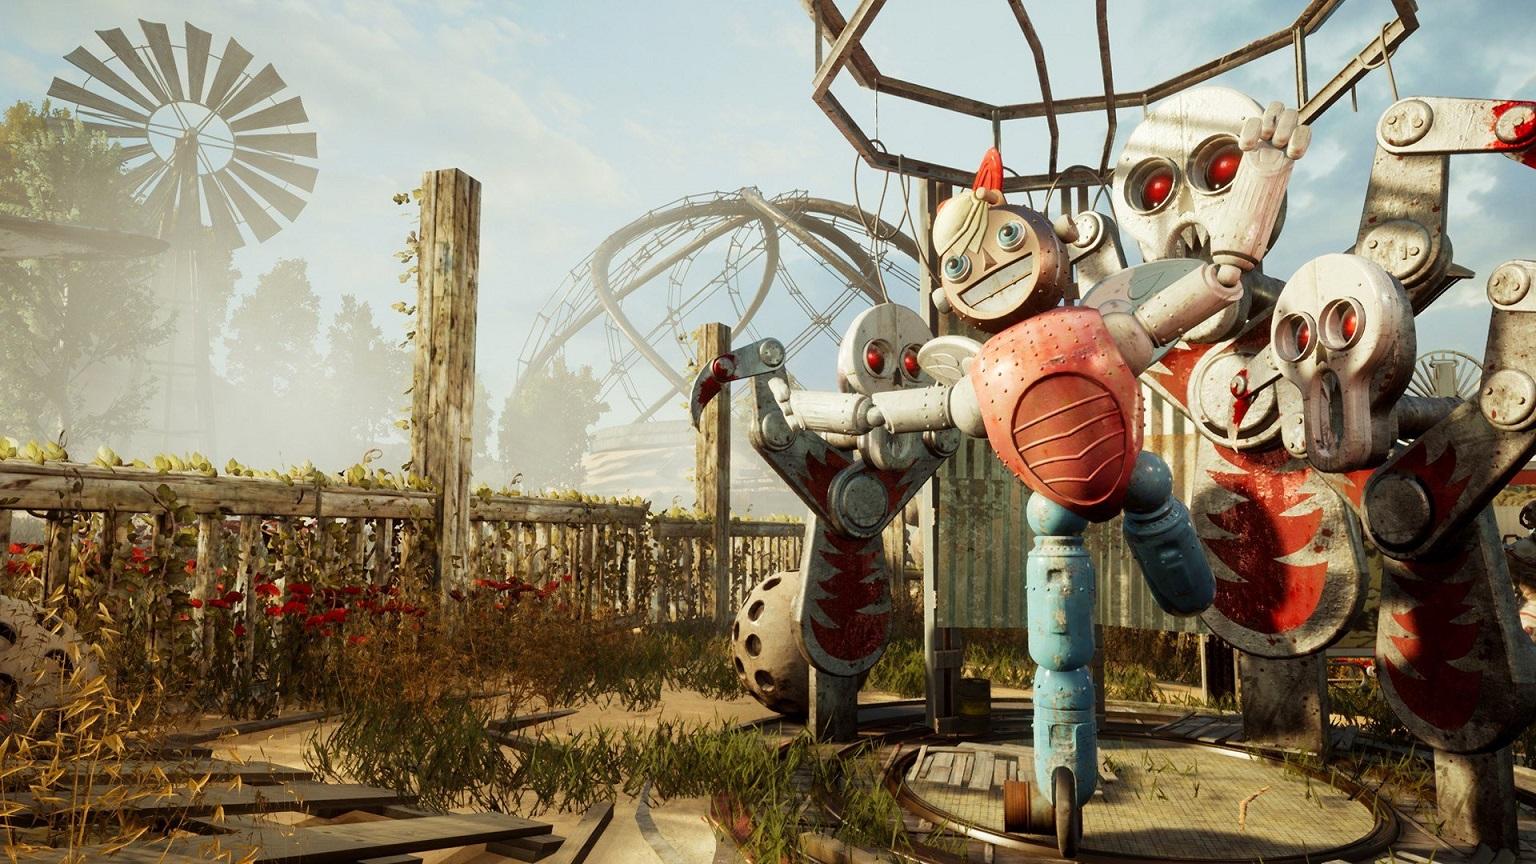 Для российского шутера встиле Fallout  Atomic Heart вышел новый тизер